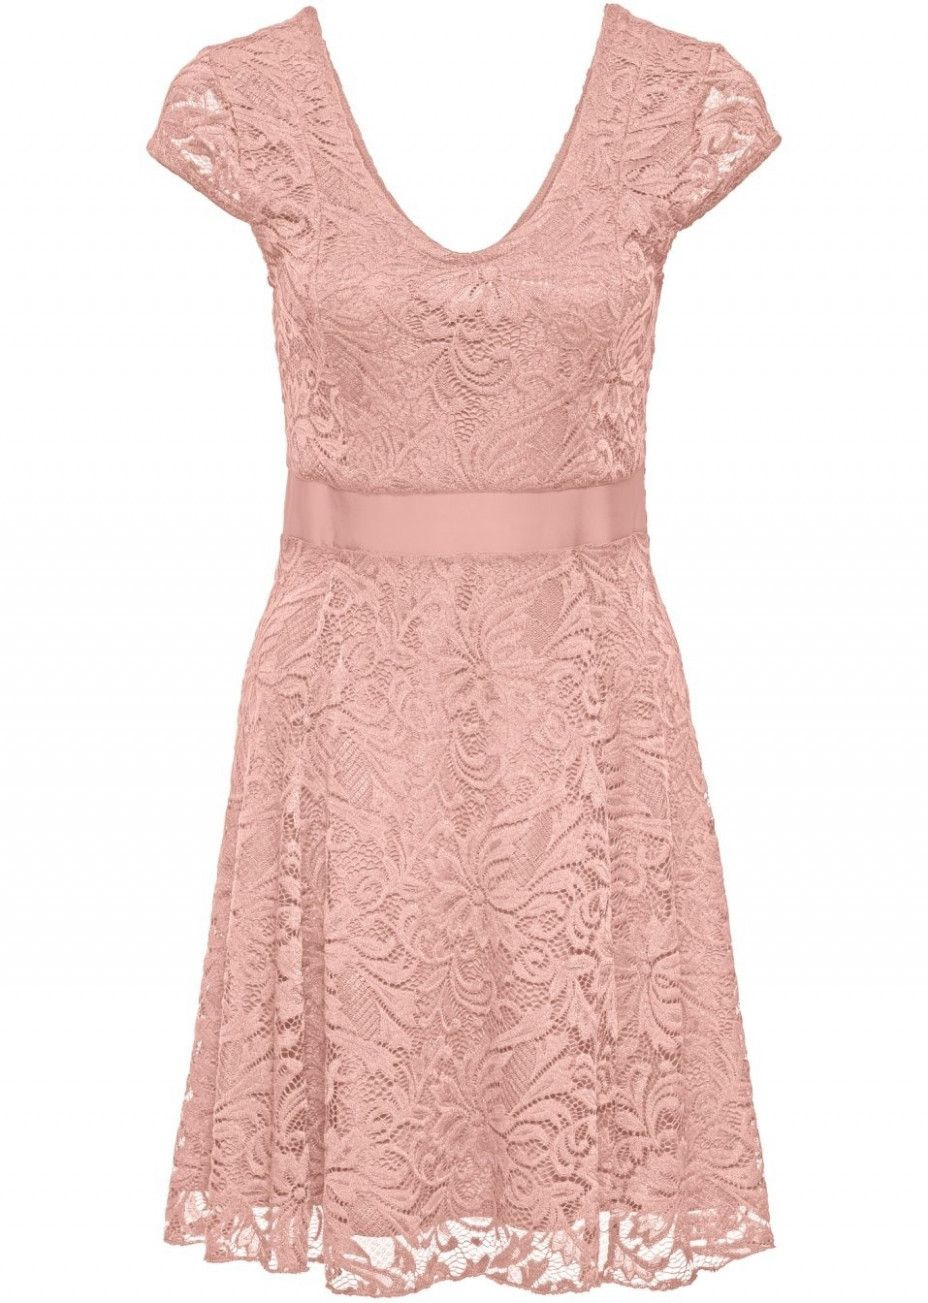 15 Rosa Kleid Spitze in 15  Vintage kleider, Rosa kleid mit